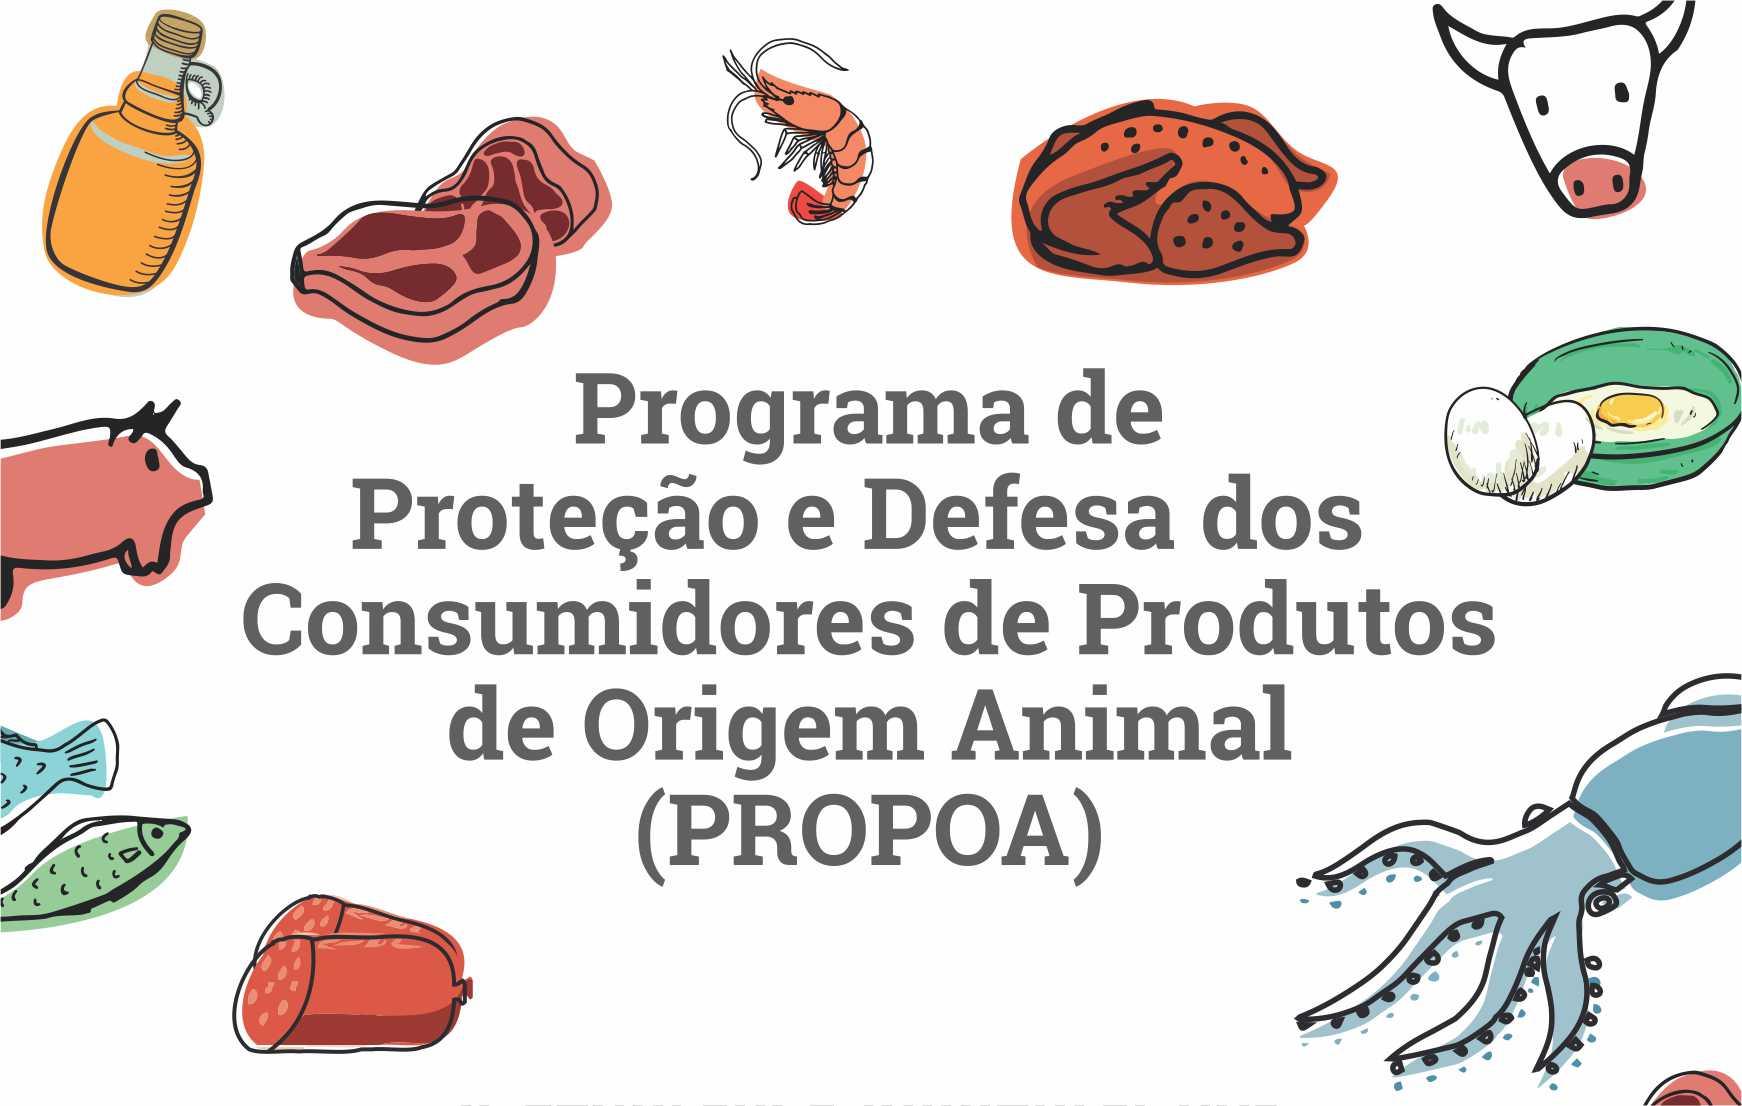 Programa de Proteção e Defesa dos Consumidores de Produtos de Origem Animal (PROPOA) - Aquiraz/CE